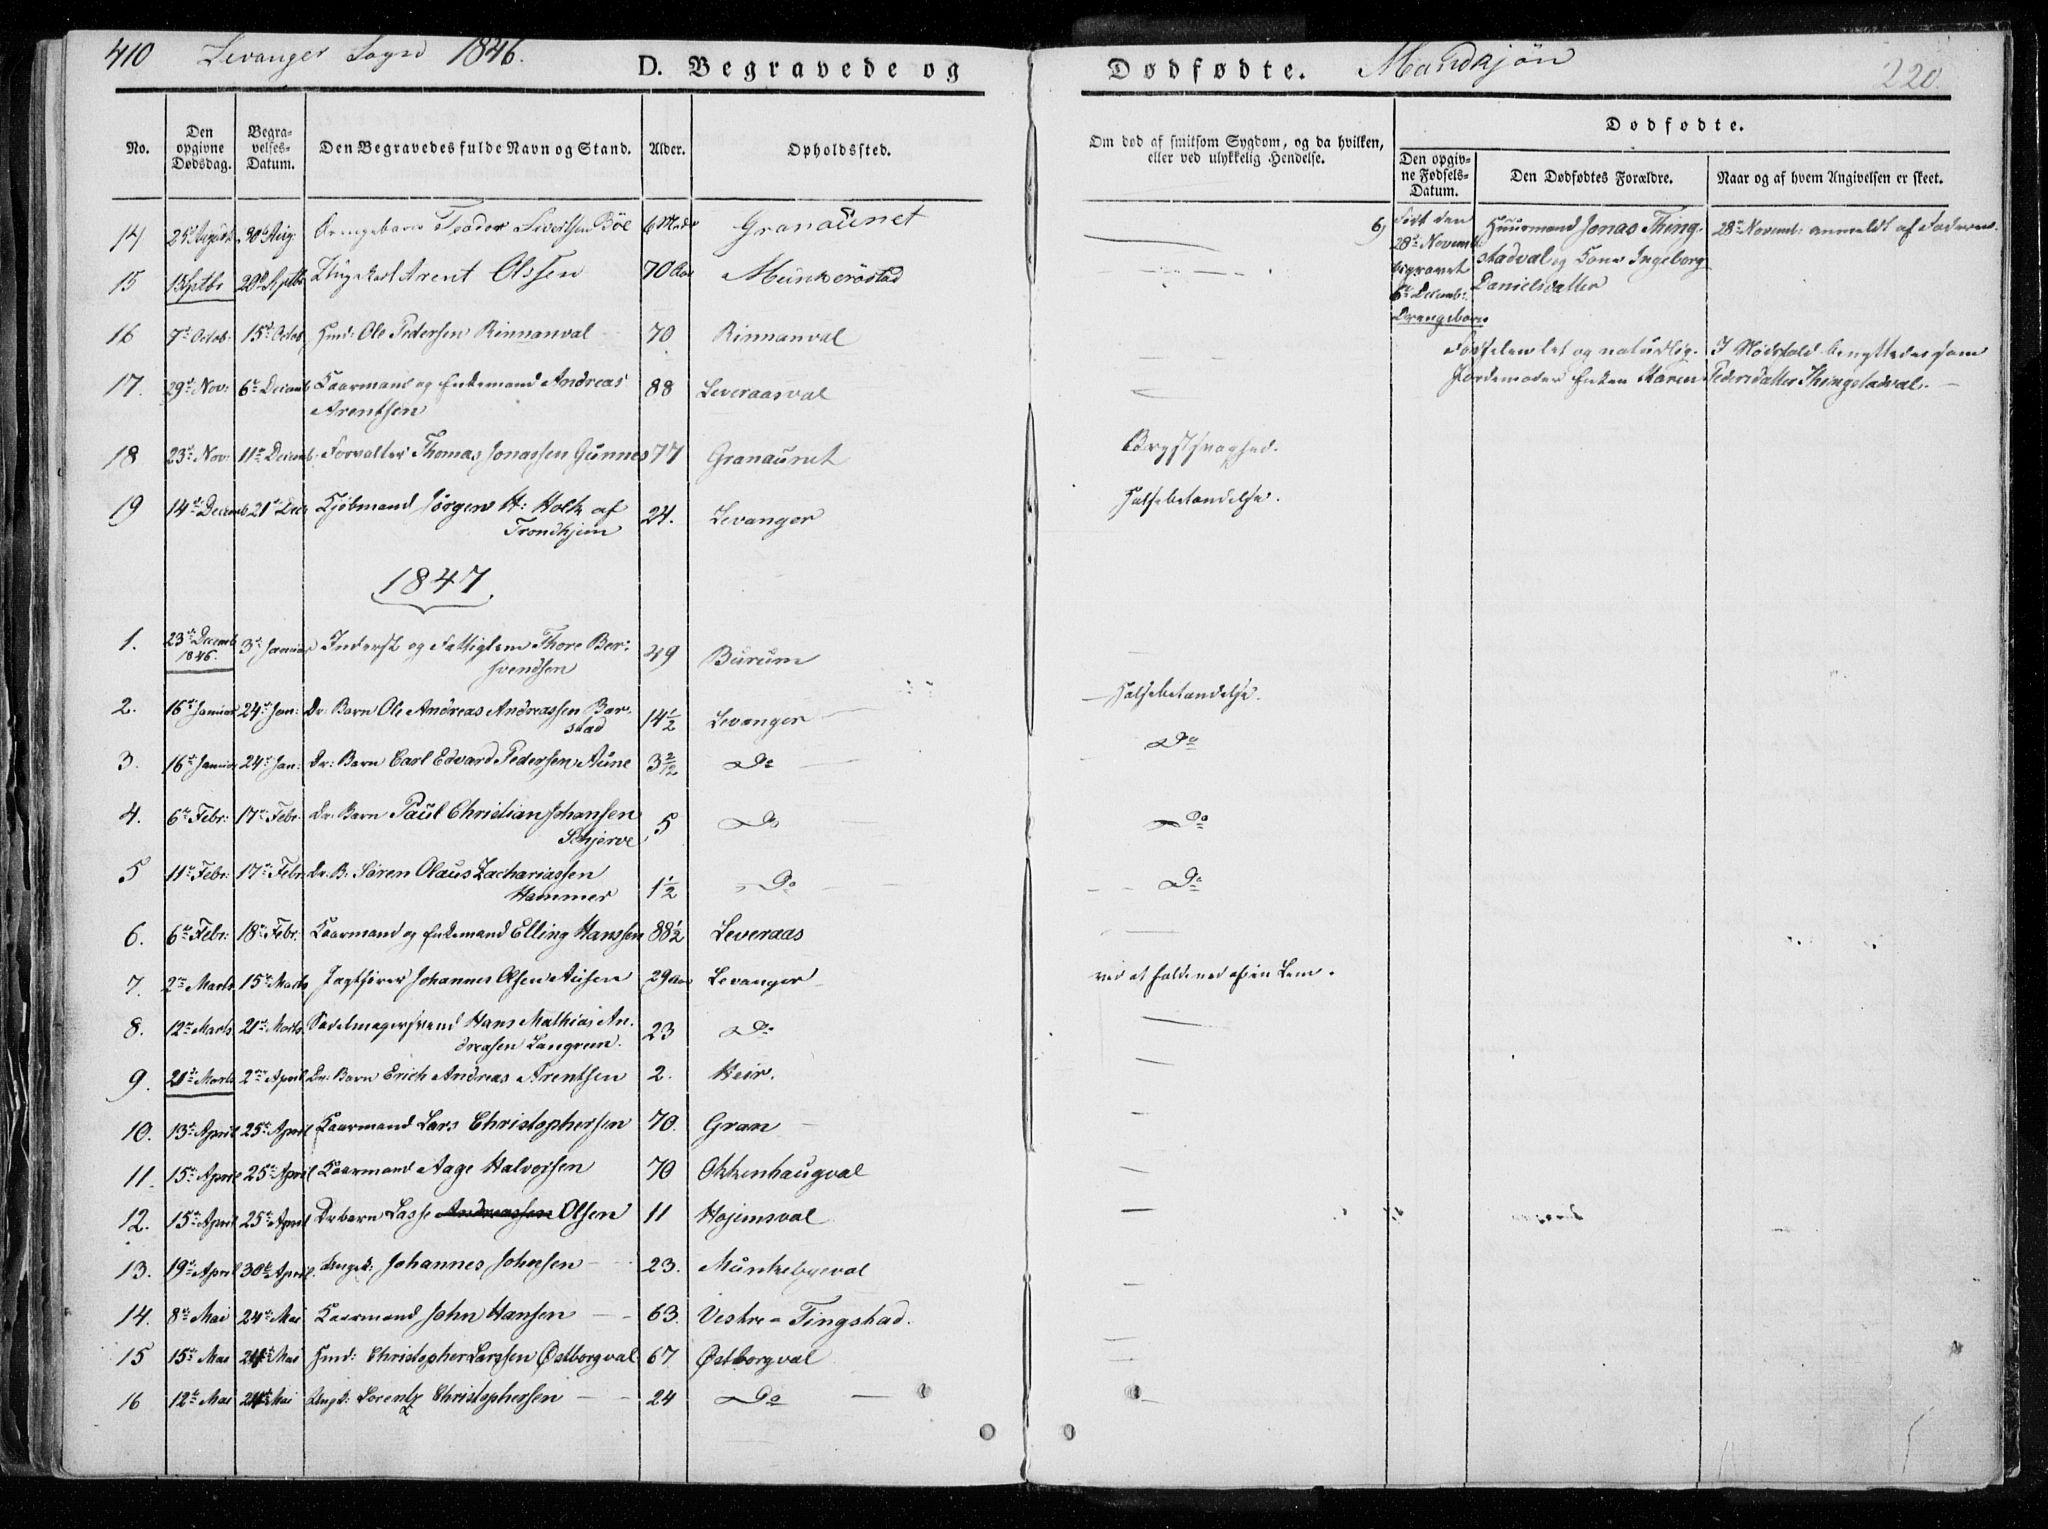 SAT, Ministerialprotokoller, klokkerbøker og fødselsregistre - Nord-Trøndelag, 720/L0183: Ministerialbok nr. 720A01, 1836-1855, s. 220